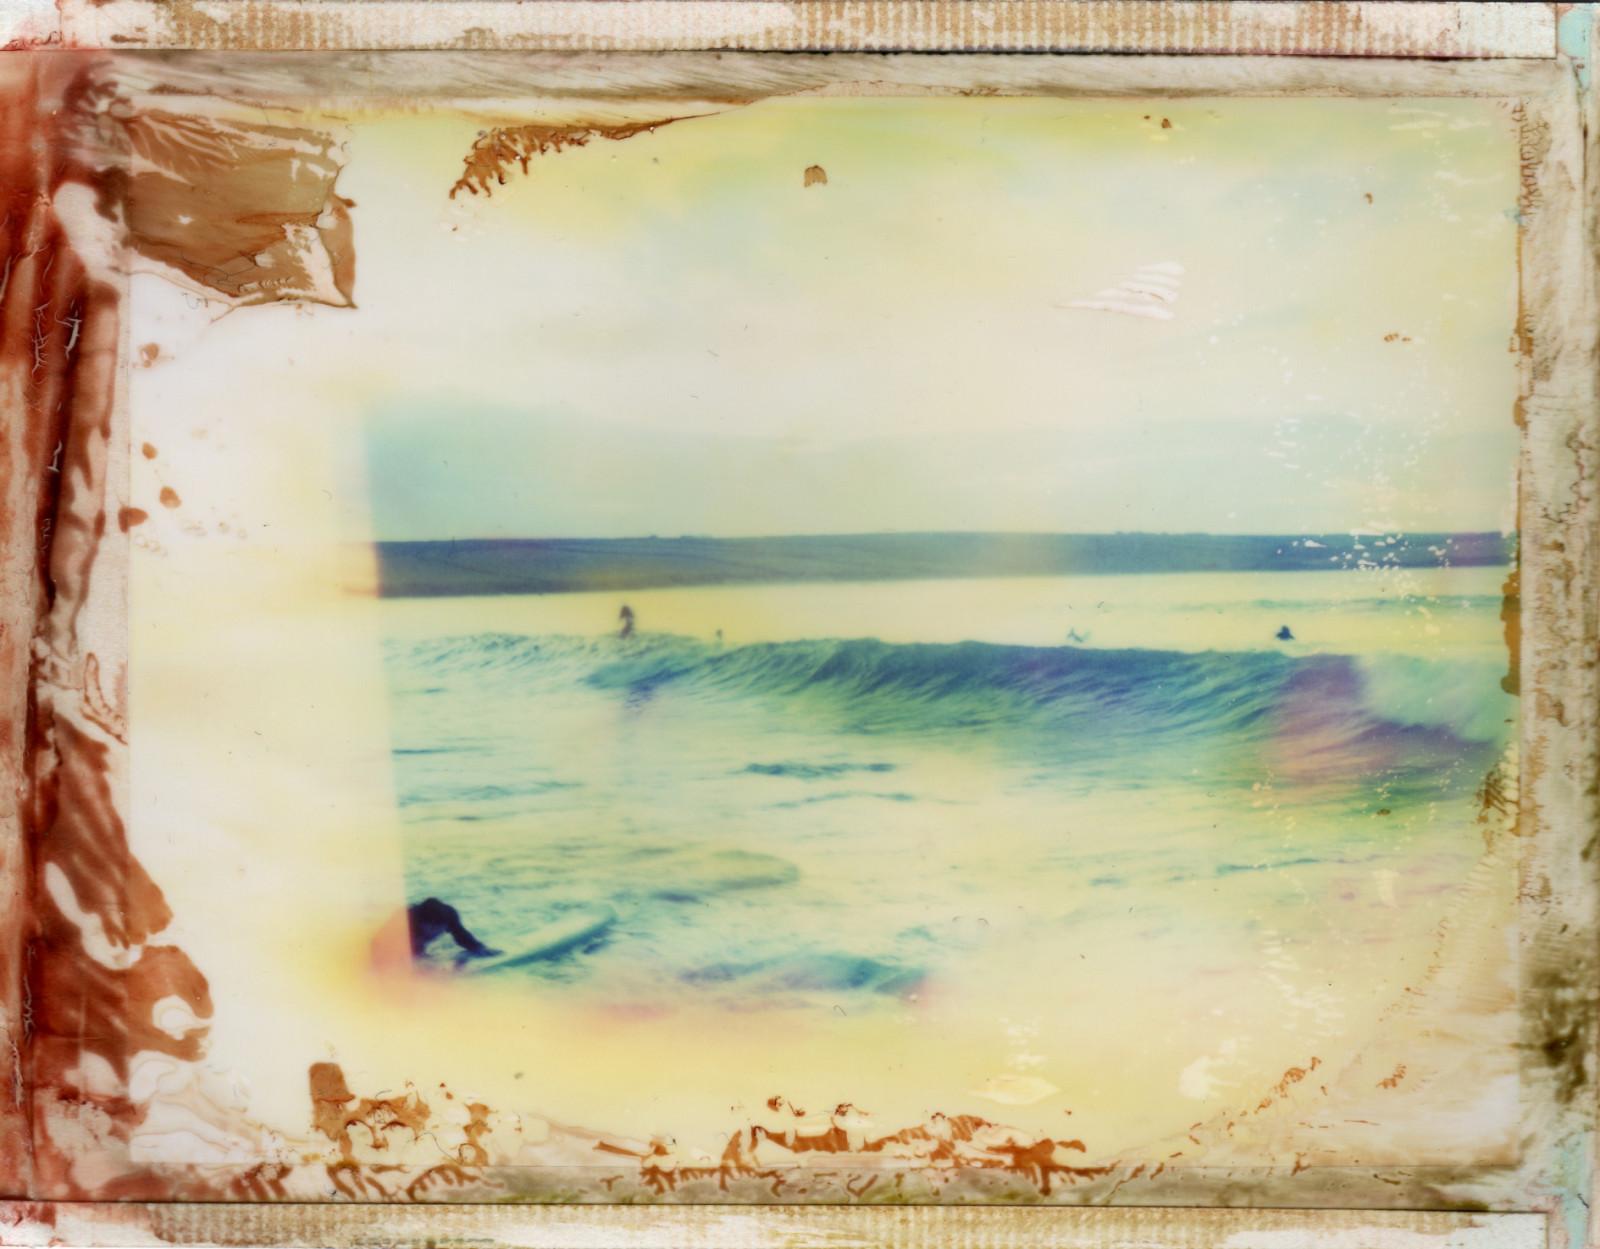 Hintergrundbilder : Malerei, Aquarellfarbe, Himmel, Bilderrahmen ...